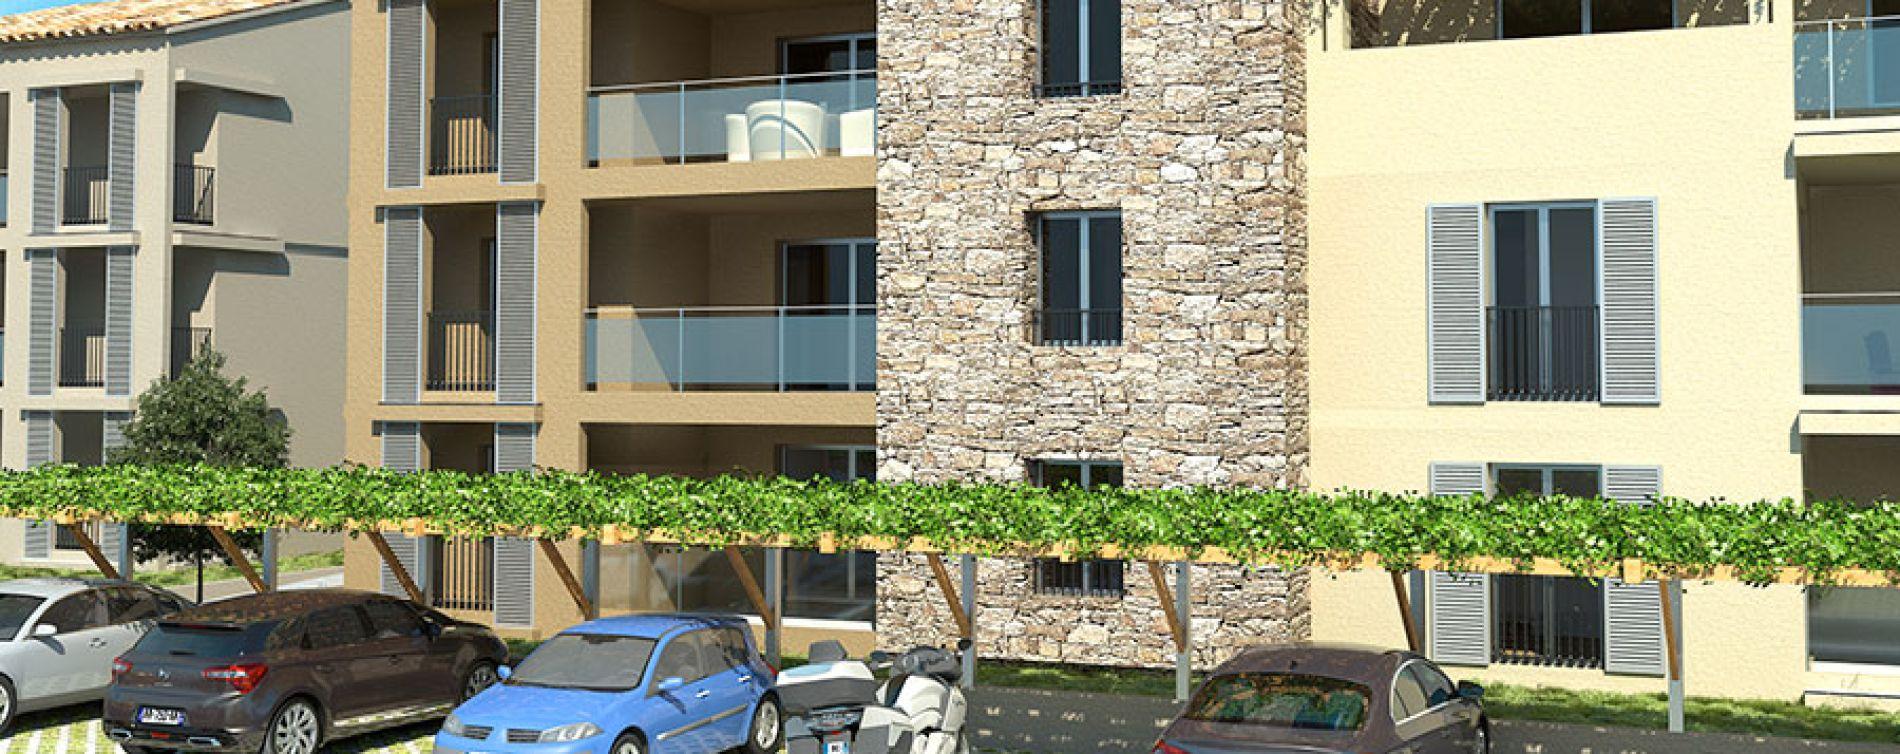 Résidence Domaine A Mortella à Saint-Florent